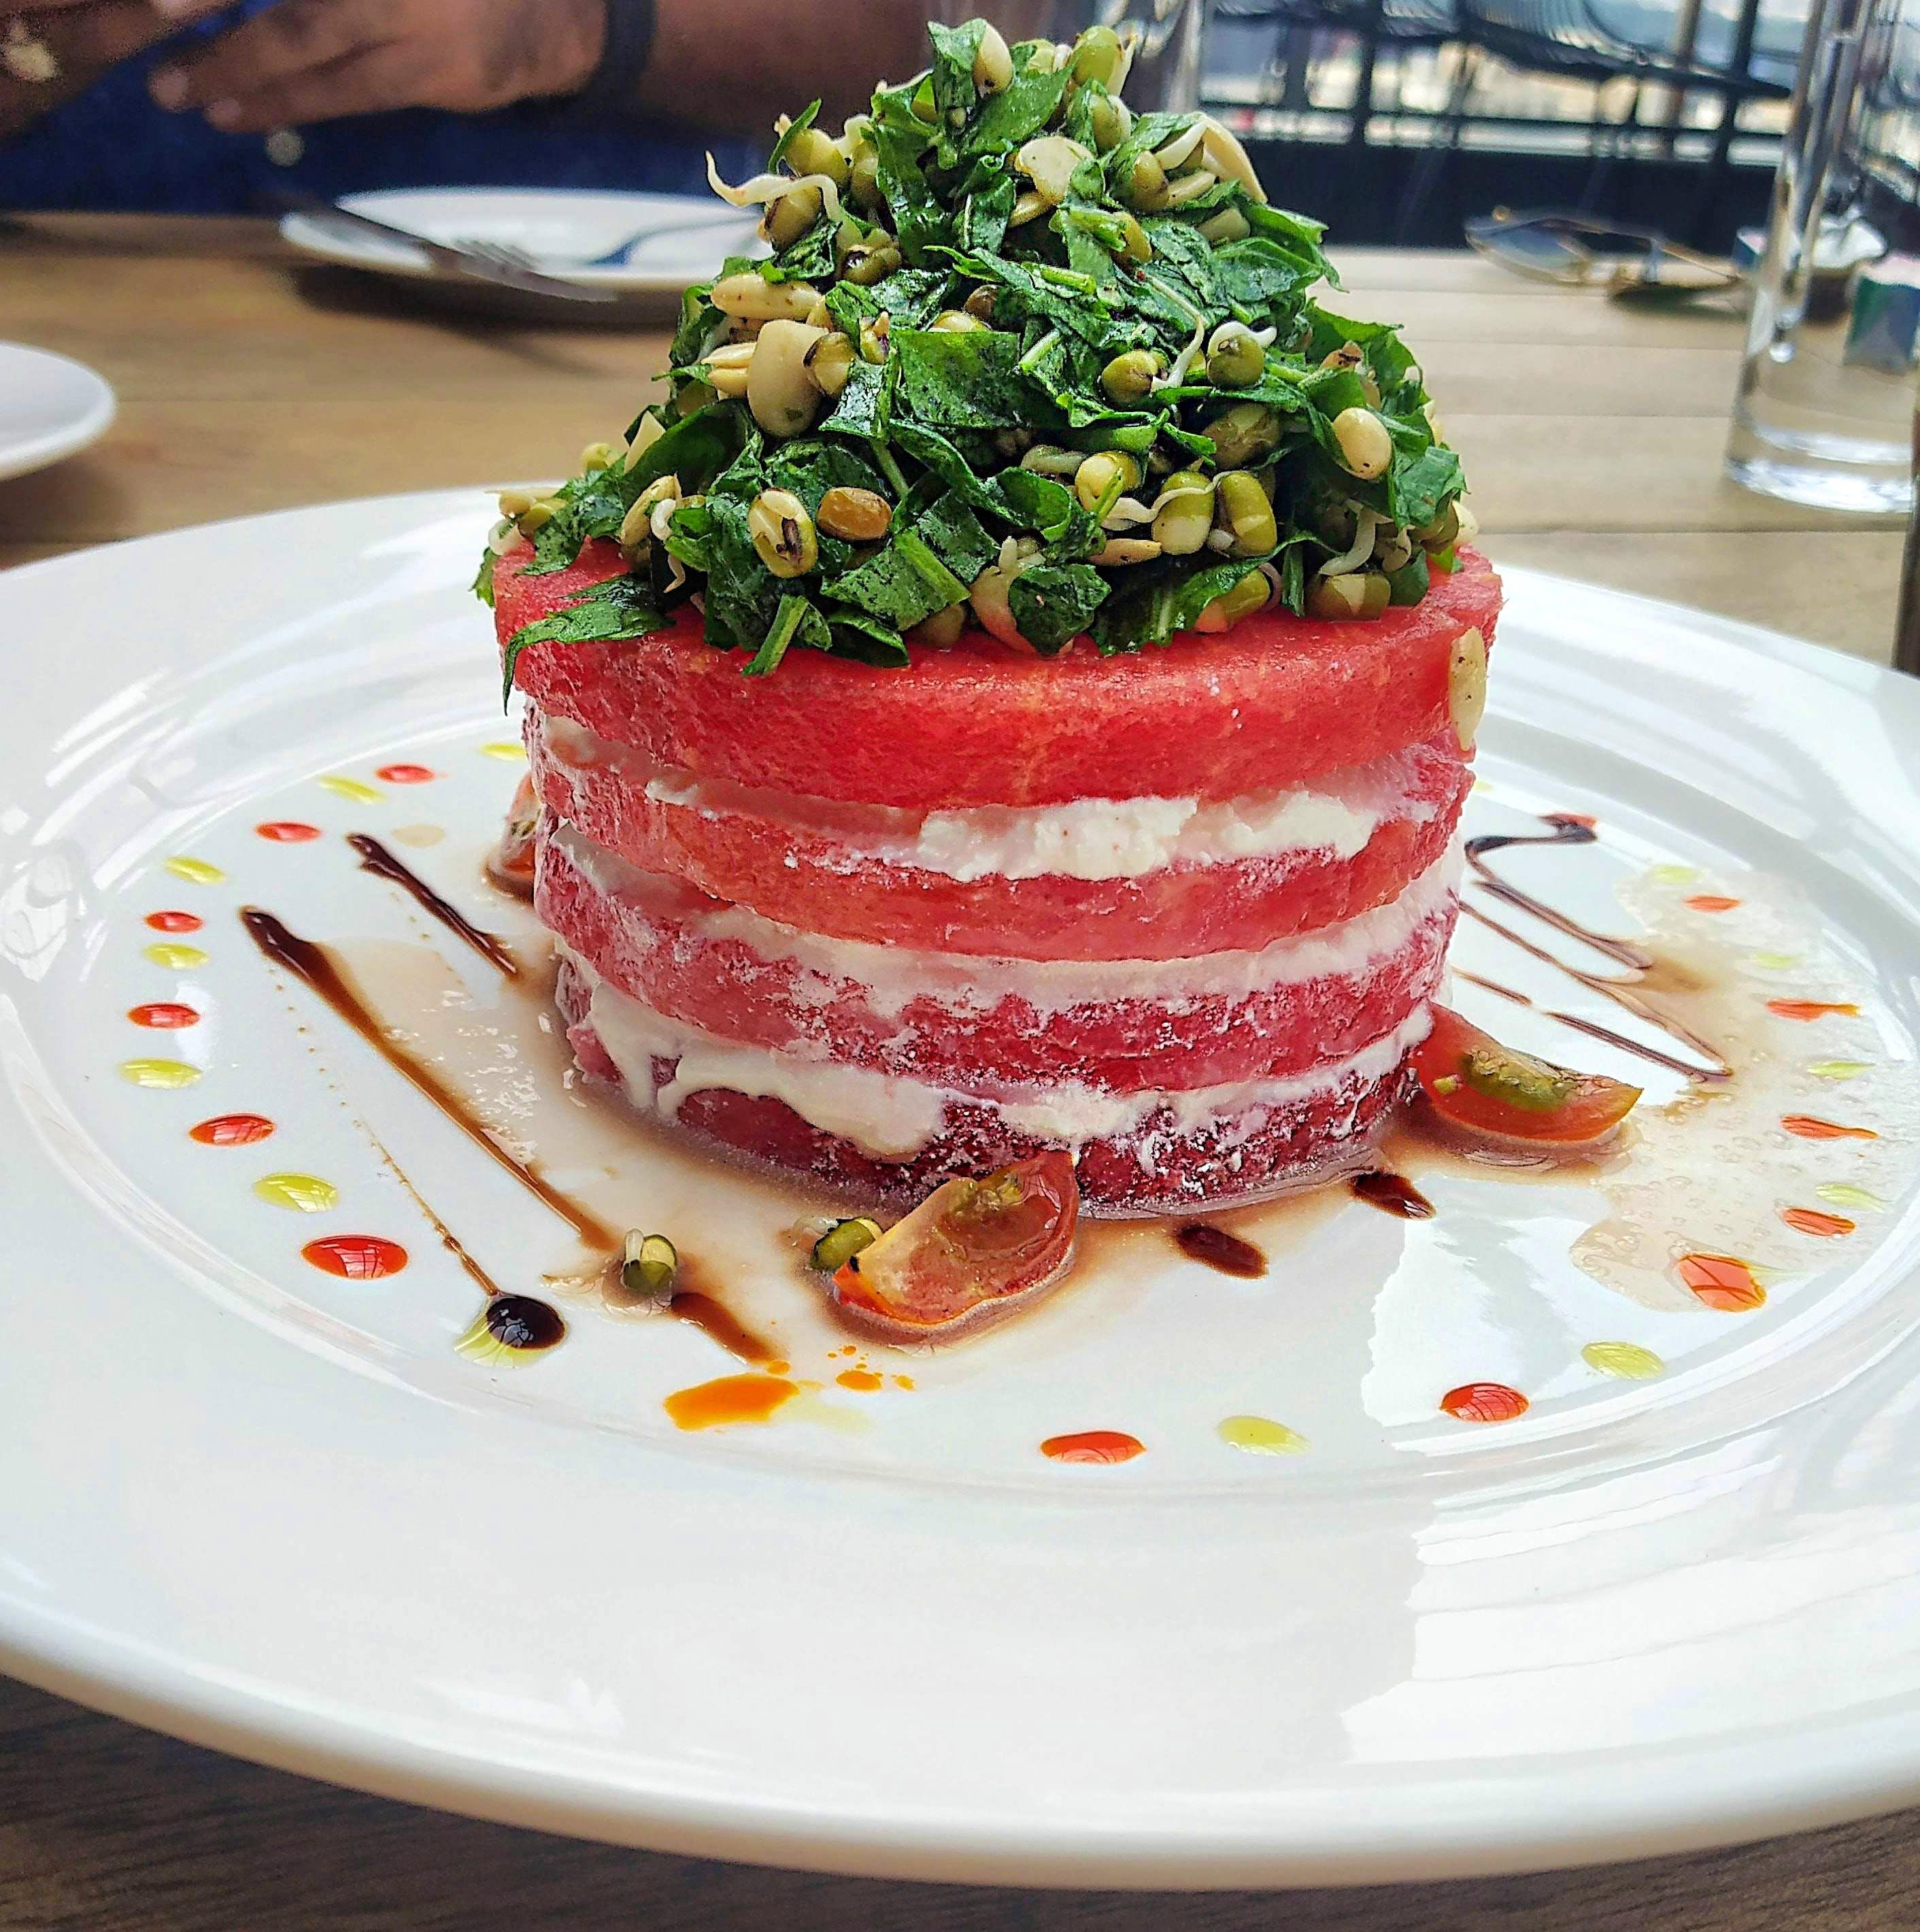 Dish,Food,Cuisine,Ingredient,Tartare,À la carte food,Meat,Recipe,Produce,Garnish